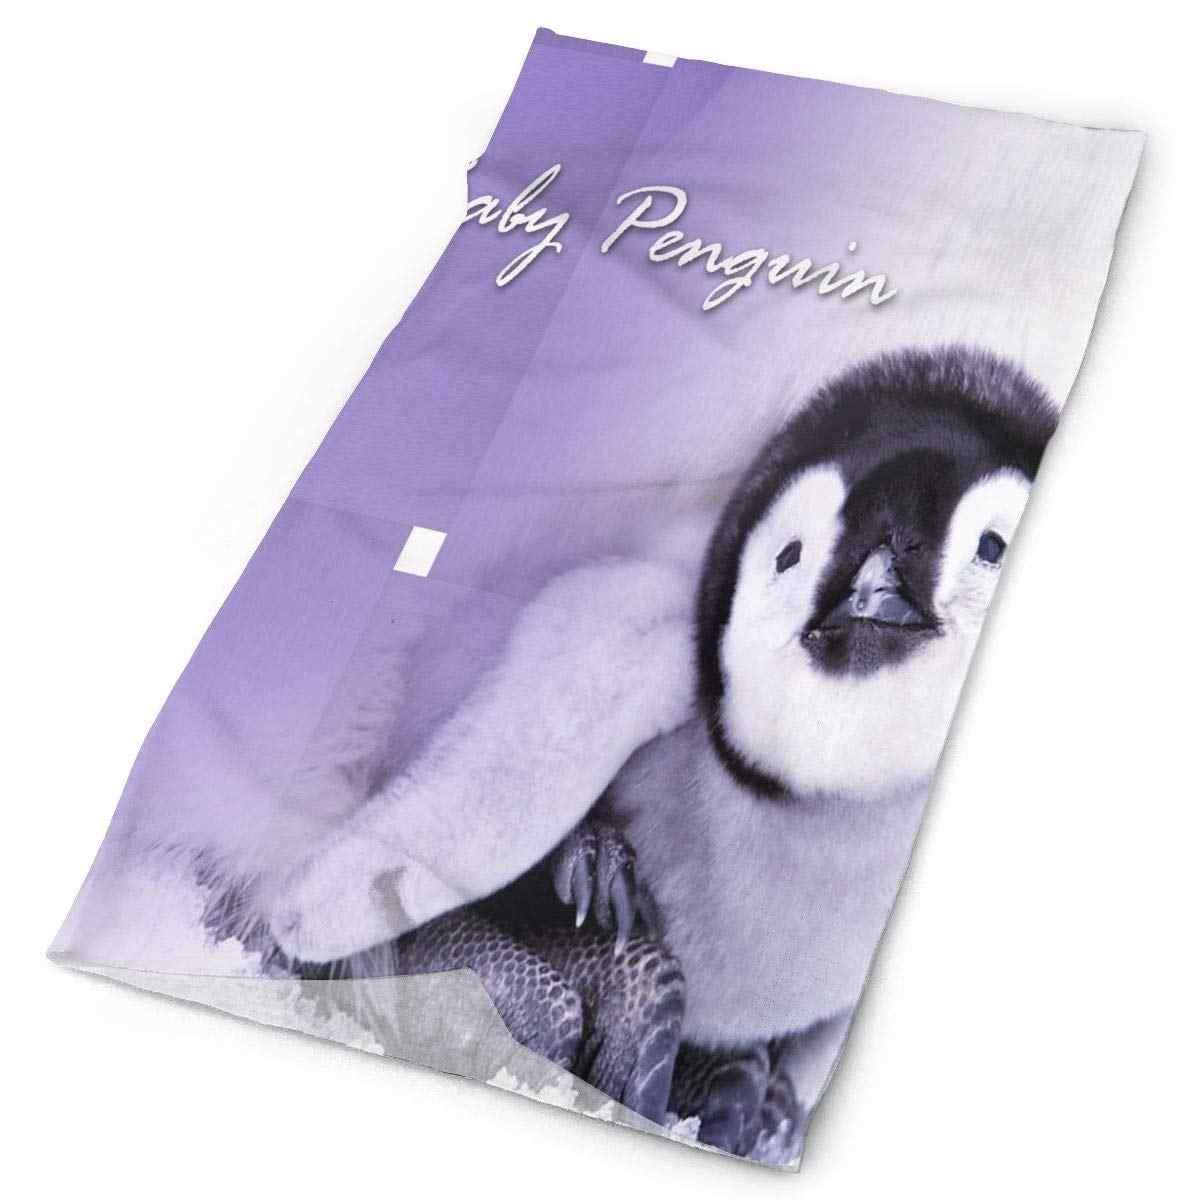 عقال البطريق الطفل في الهواء الطلق وشاح وشاح الرقبة الجرموق رئيس التفاف العصابة الرياضة أغطية الرأس